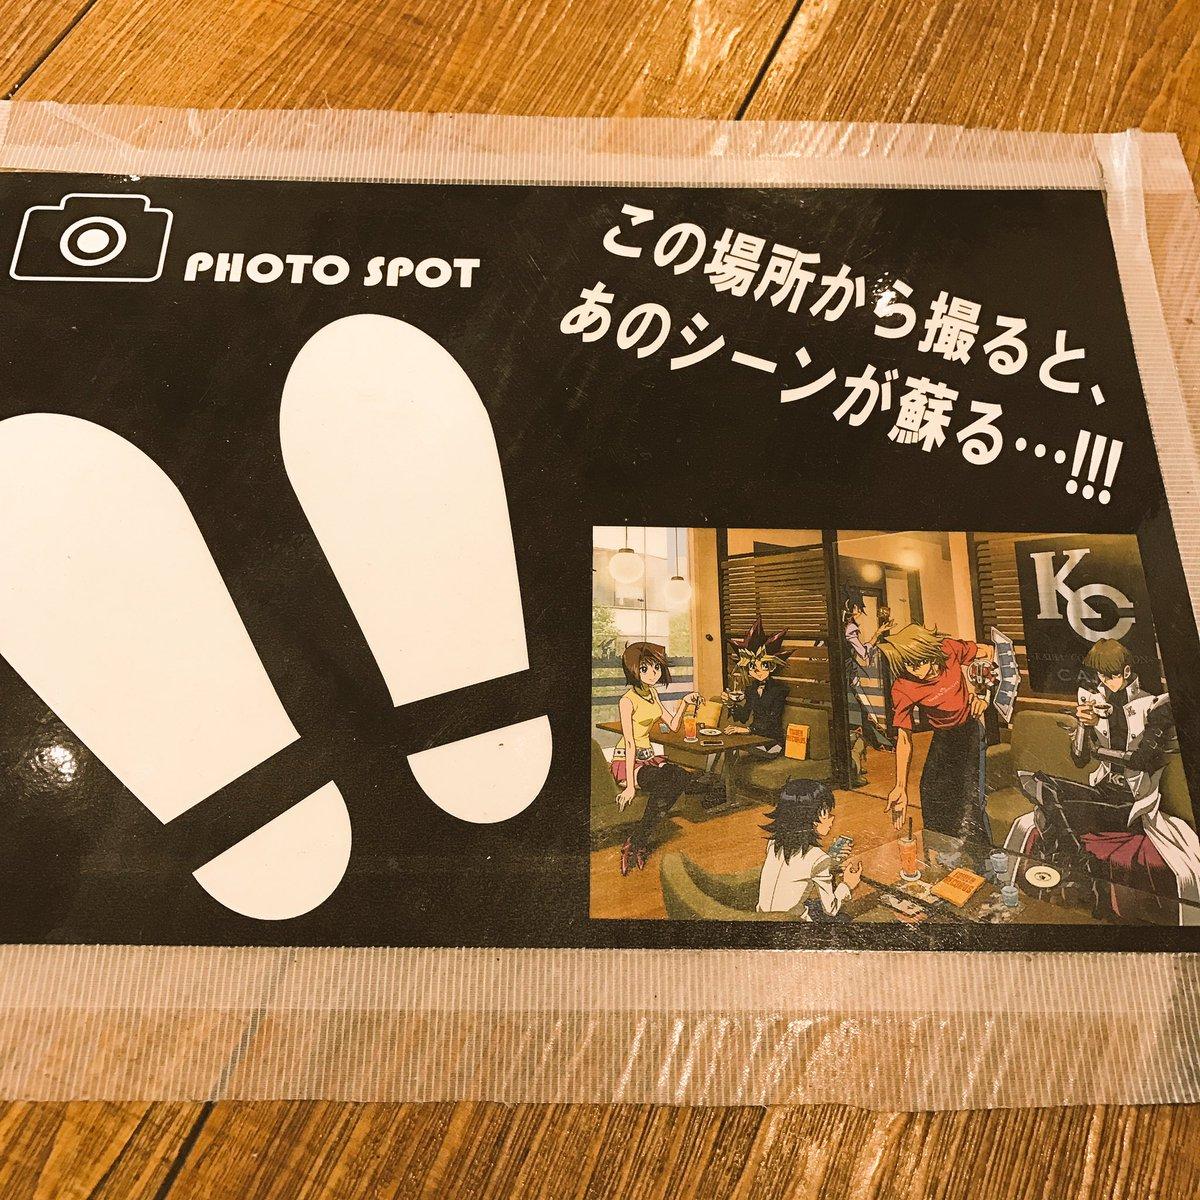 【TOWER RECORDS CAFE】遊戯王カフェ内にある、PHOTO SPOTを探してイラストを再現しませんか?☺️